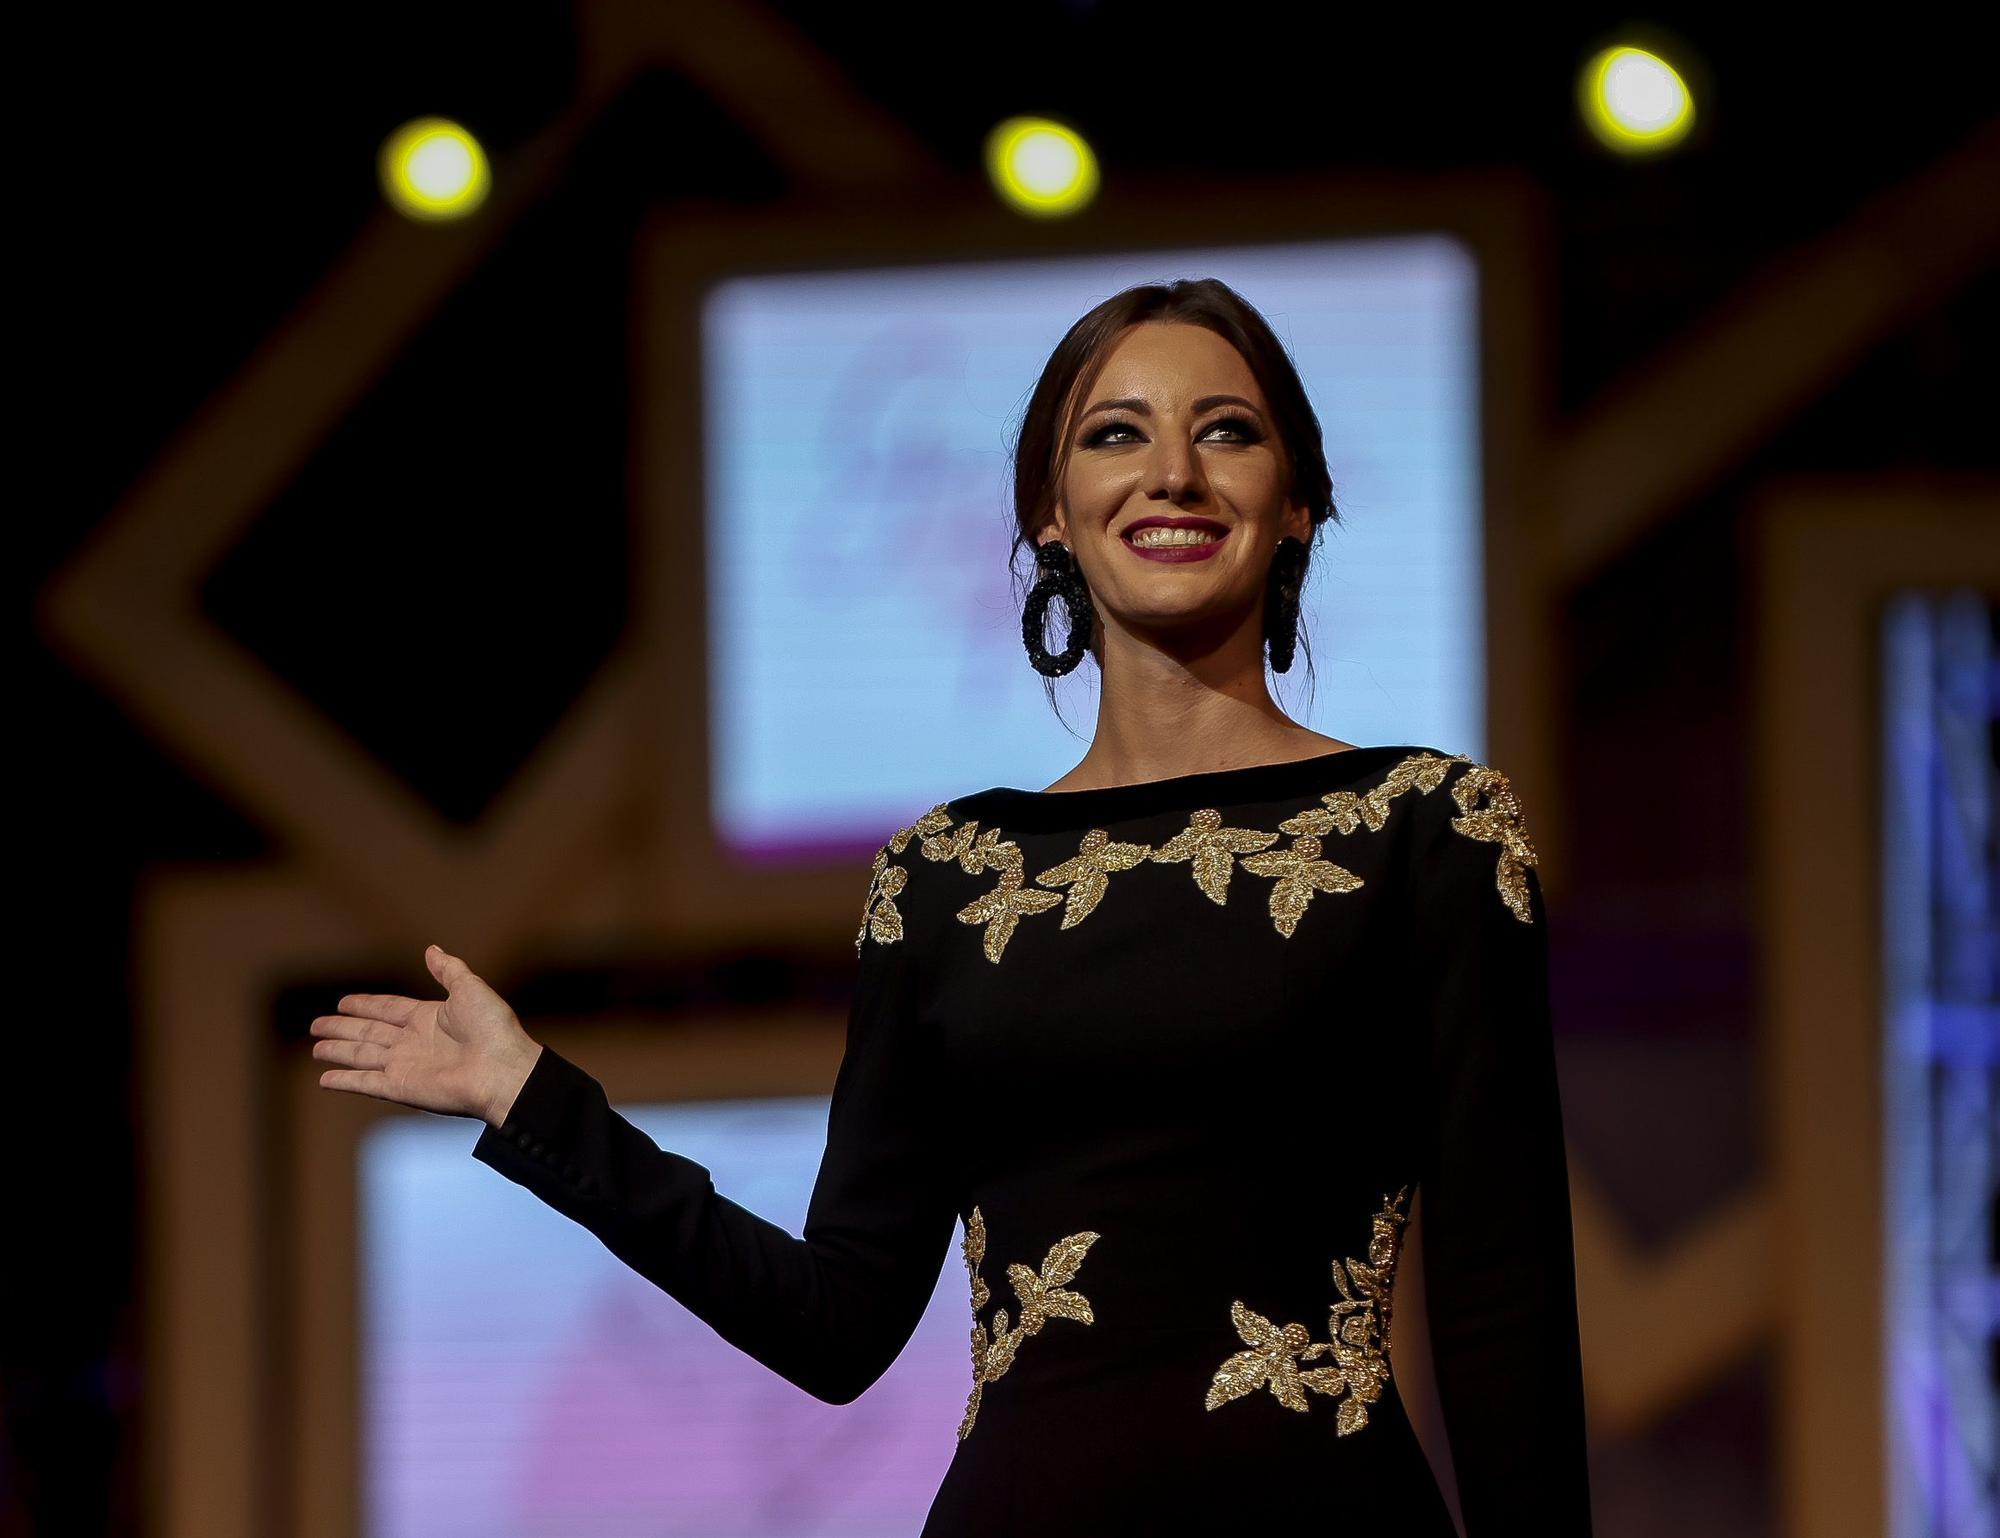 Las mejores imágenes de la gala de las candidatas a Bellea del Foc 2021